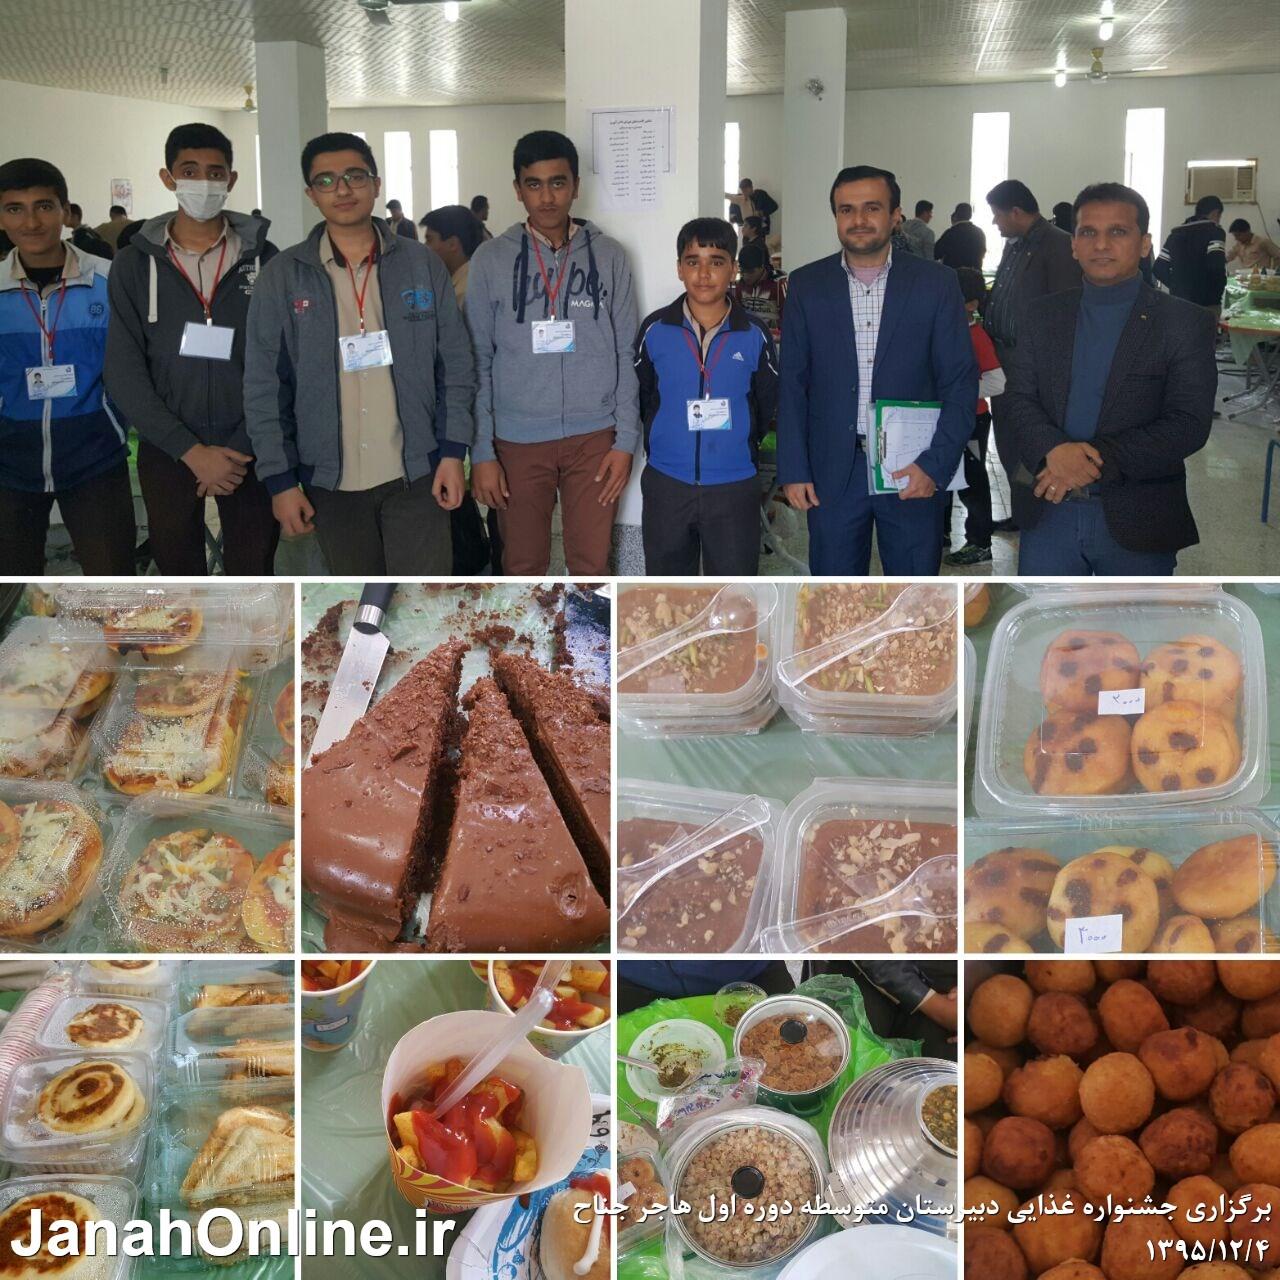 گزارش تصویری از جشنواره غذایی دبیرستان متوسطه دوره اول هاجر جناح